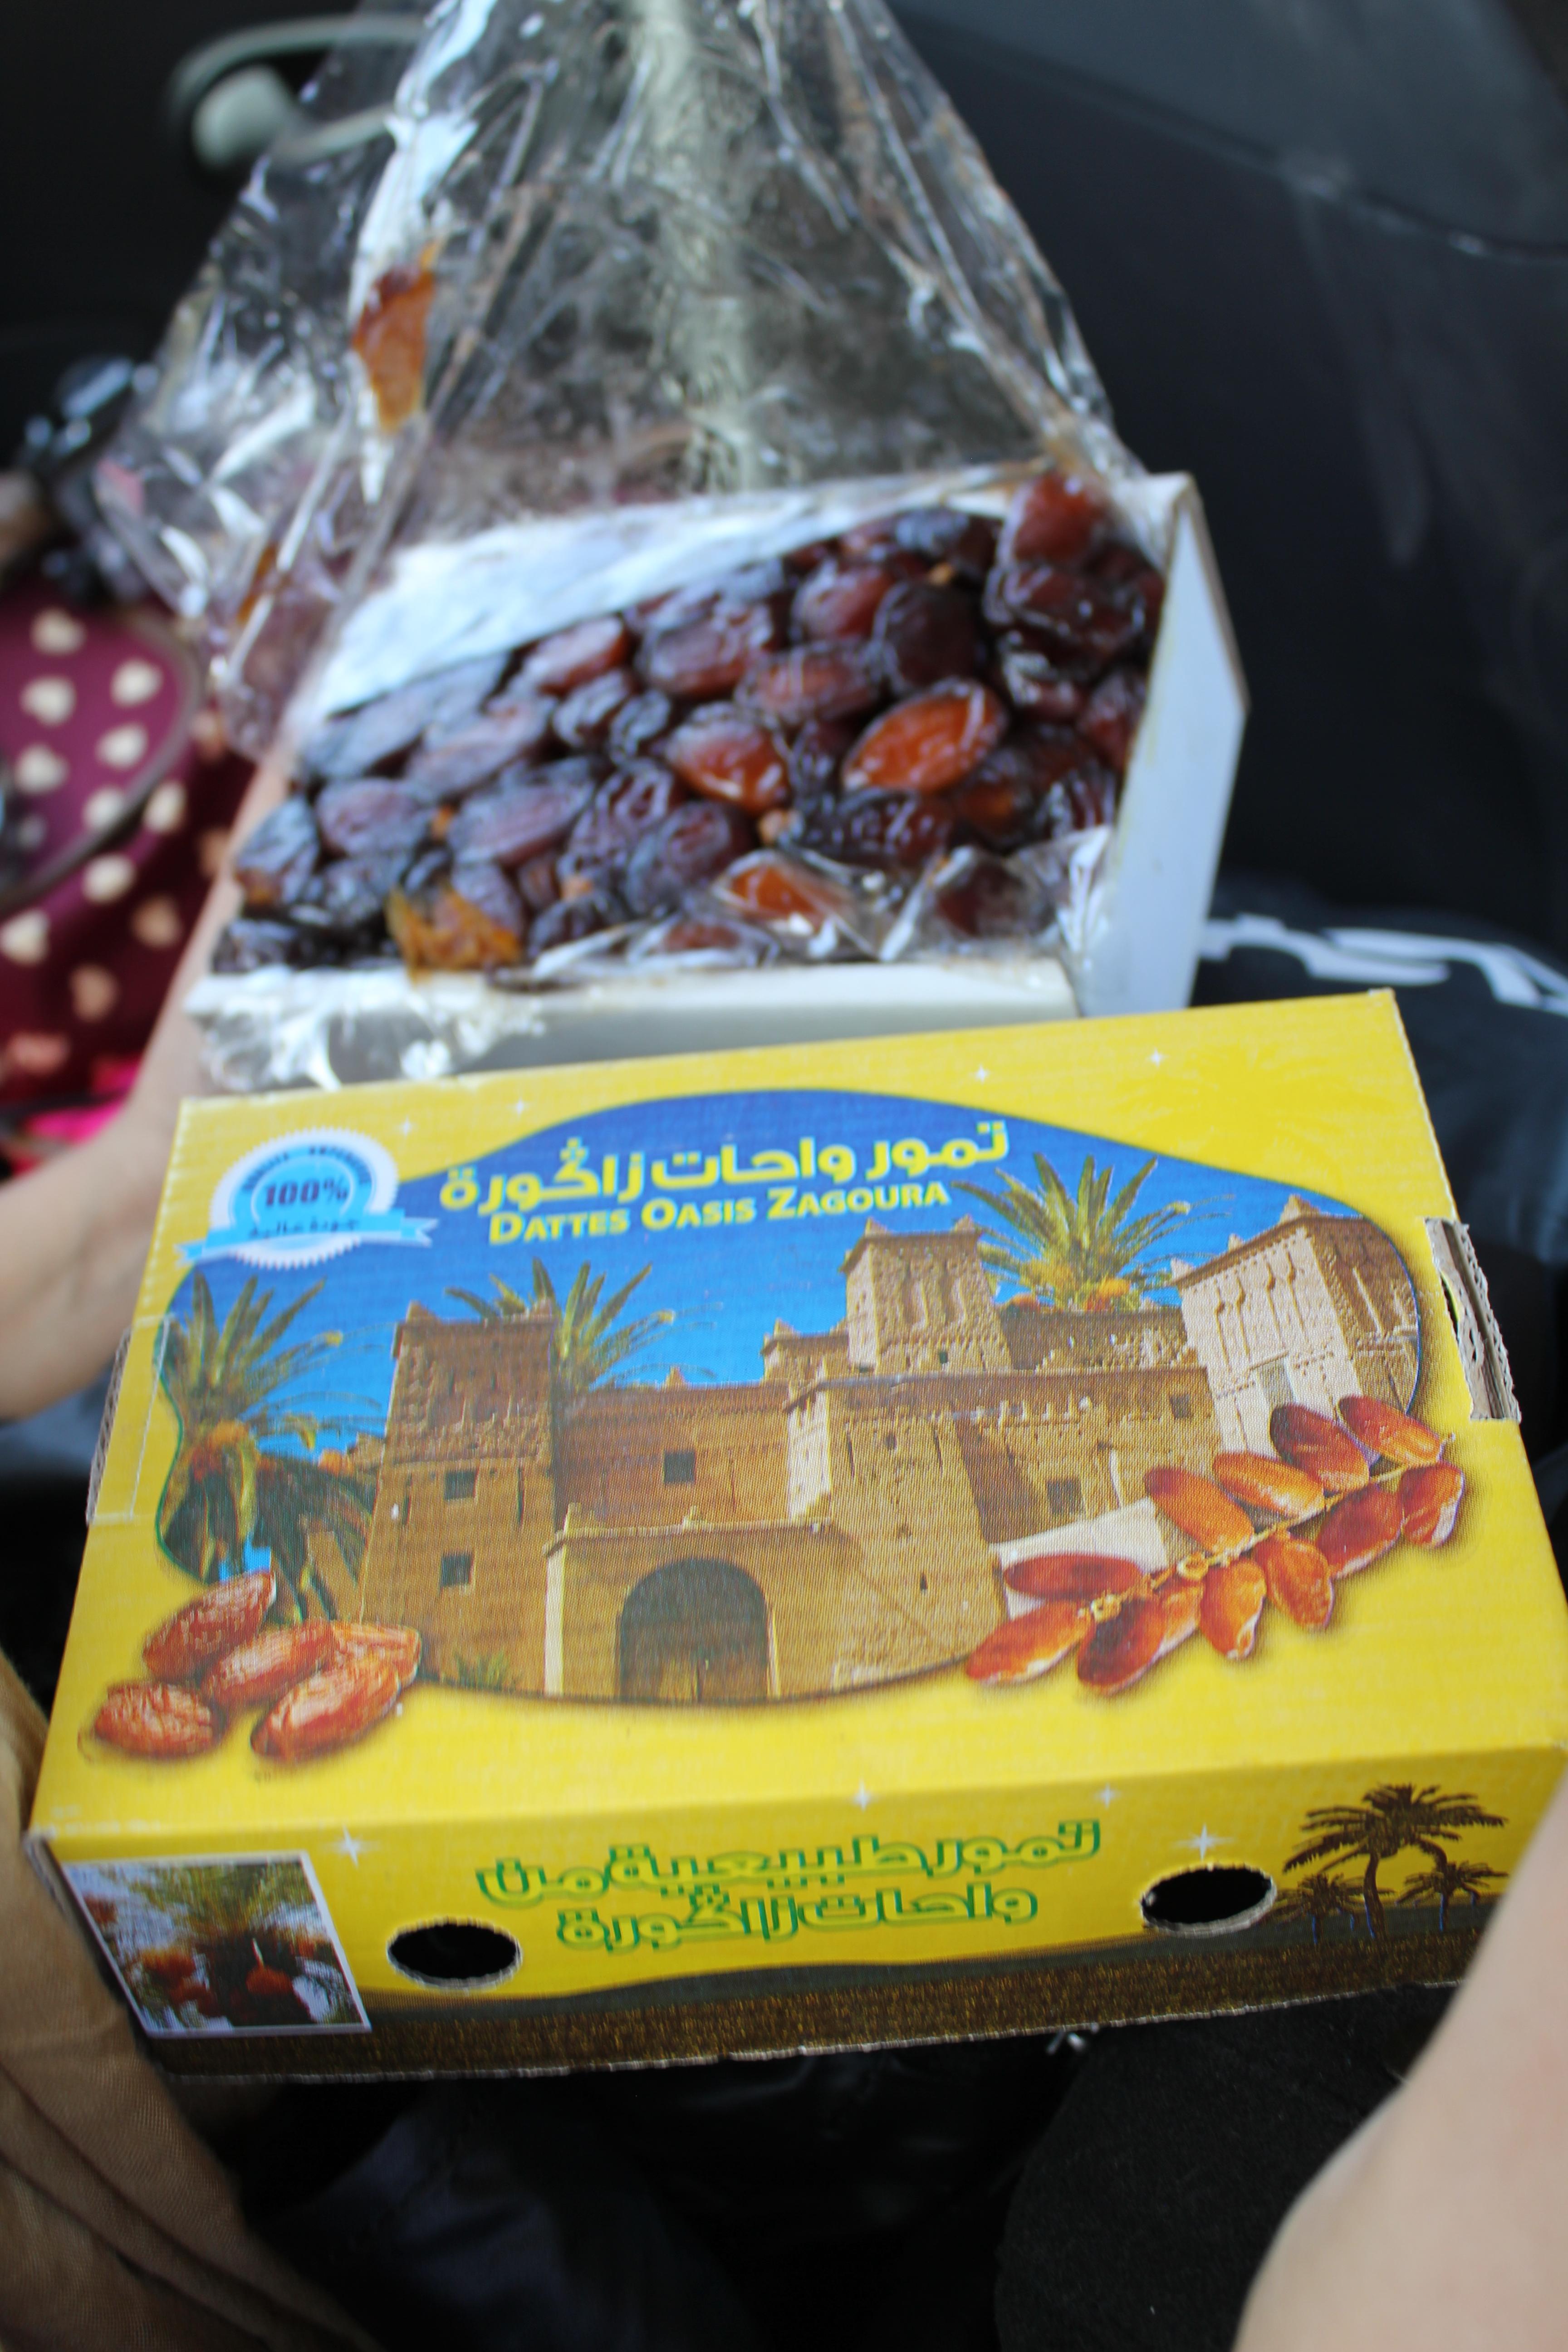 marrocos_tâmara